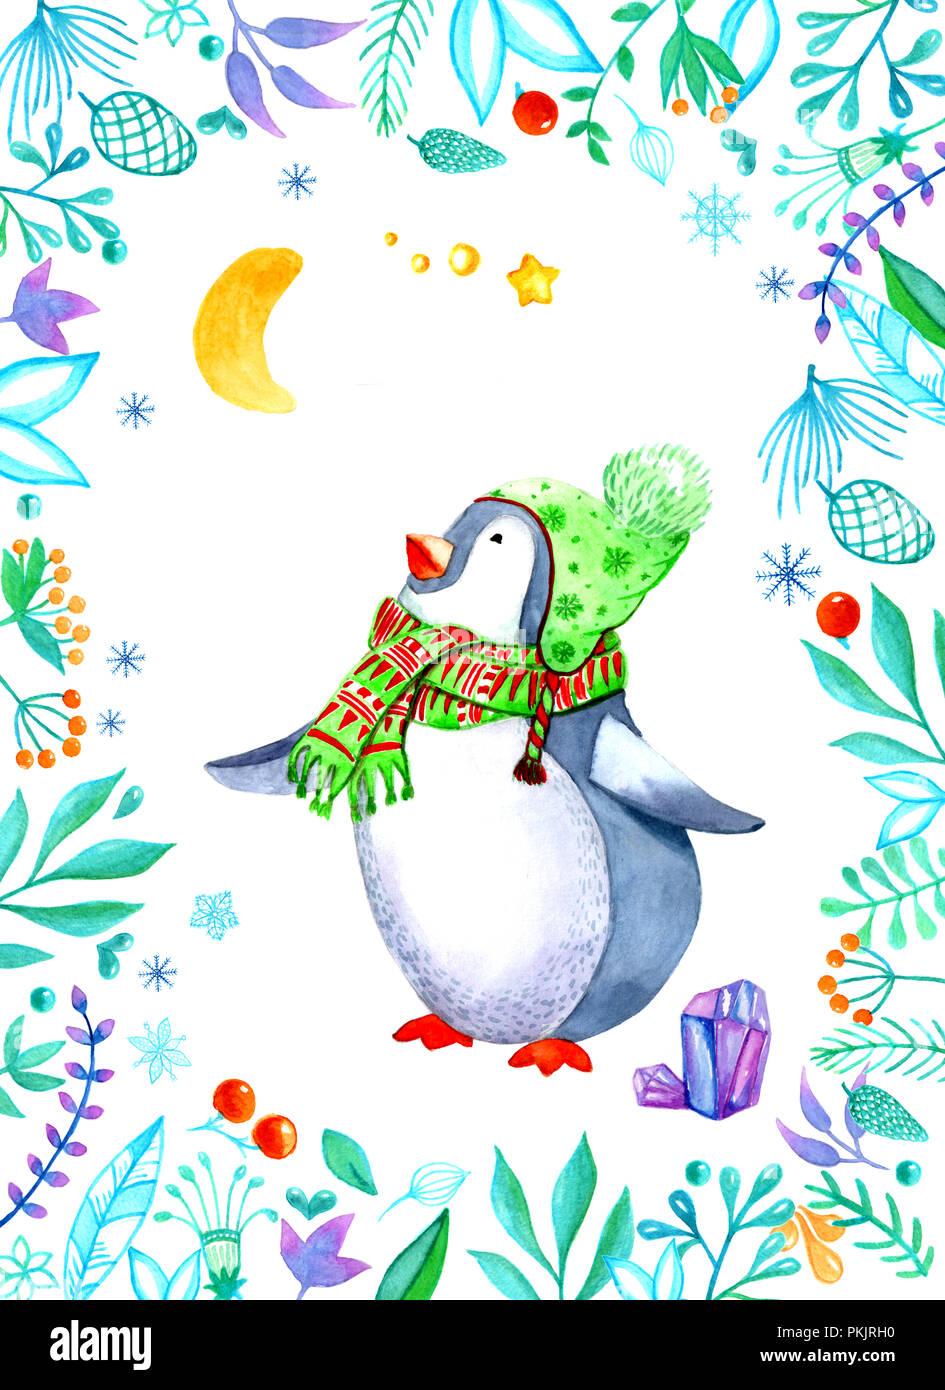 Weihnachten clipart von Aquarell. Der Pinguin in der Kopfzeile ...